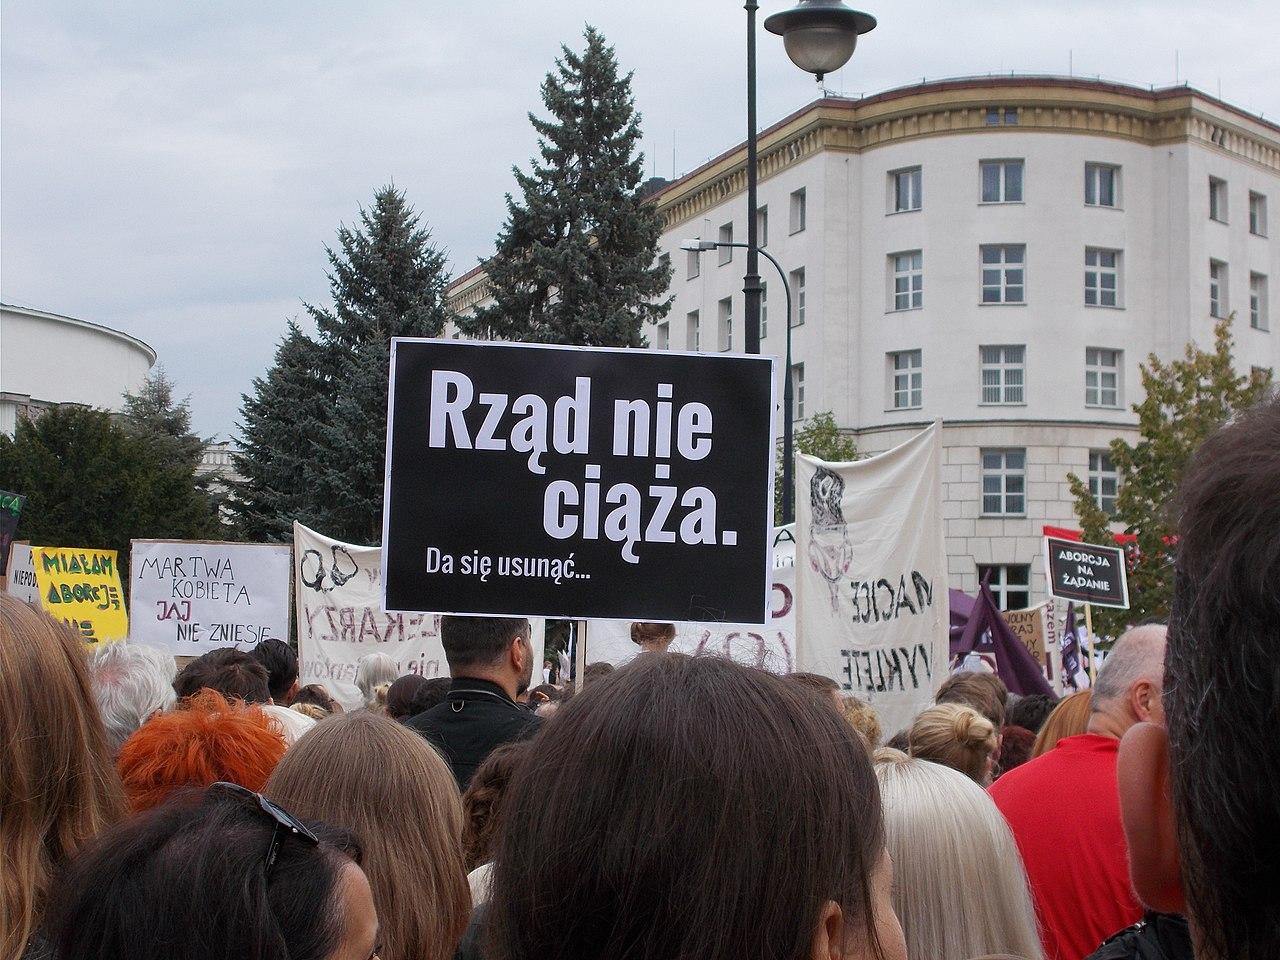 Czarny protest inicjatywy Ratujmy Kobiety 2016 10 01 w Warszawie 12.jpg